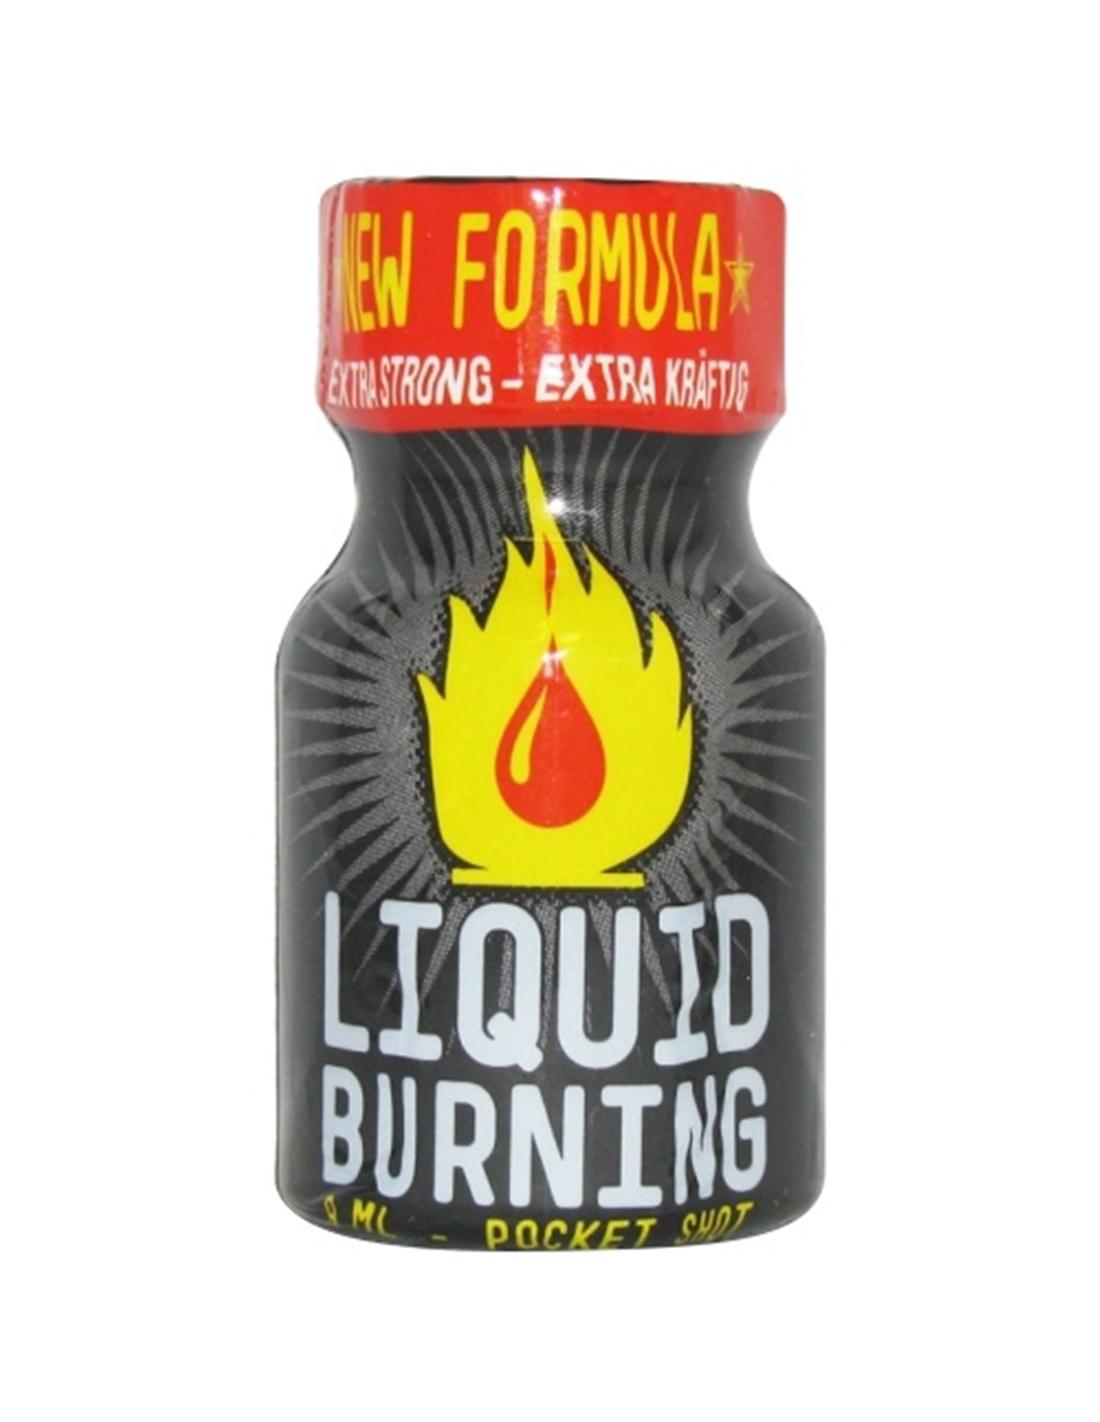 Liquid Burning 9ml - 9ml - PR2010320688